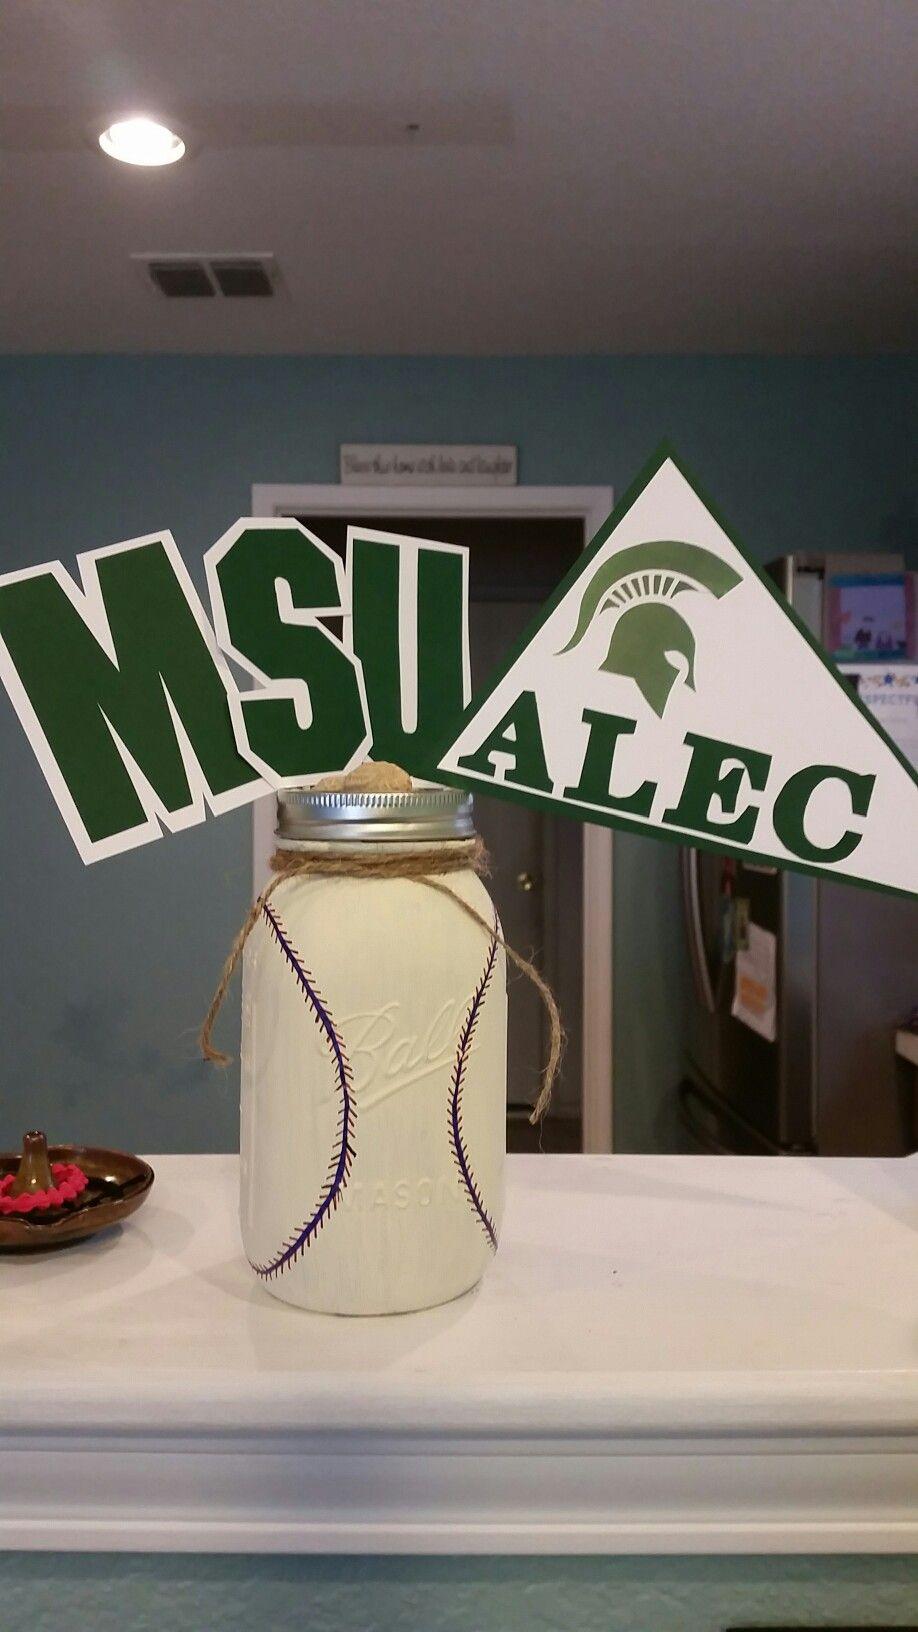 Michigan state university baseball jar centerpiece graduation